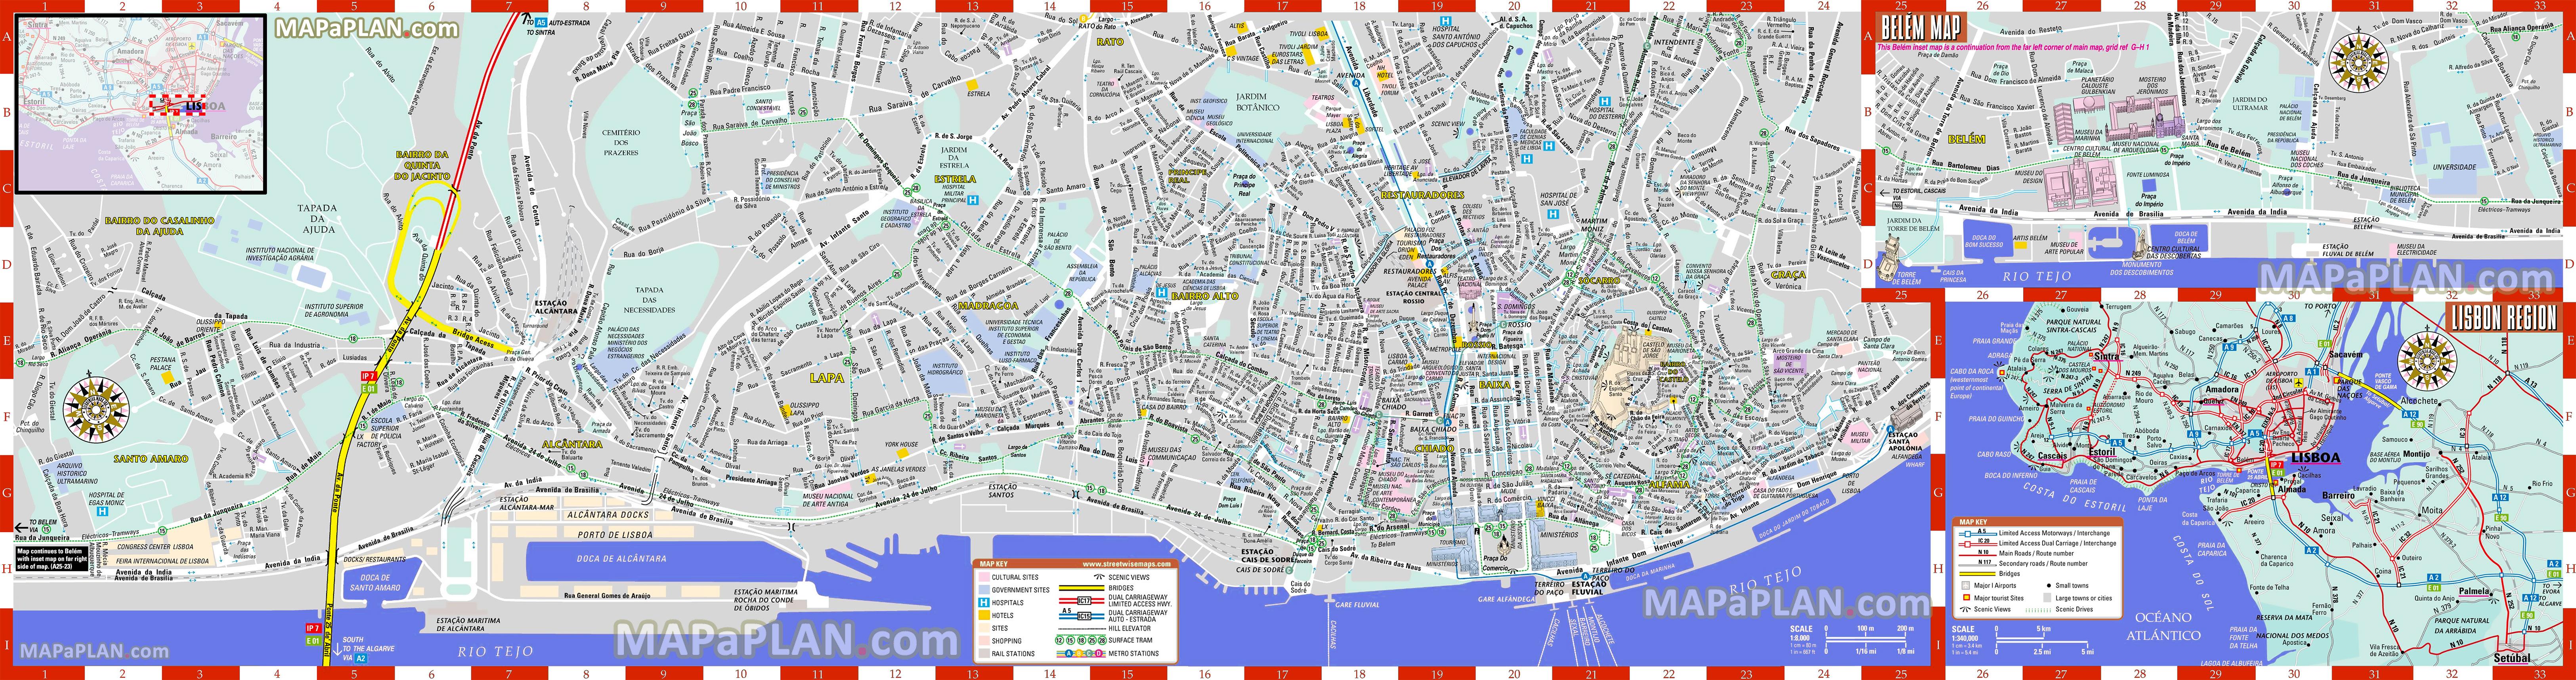 mapa 3d lisboa Lisbon maps   Top tourist attractions   Free, printable city  mapa 3d lisboa